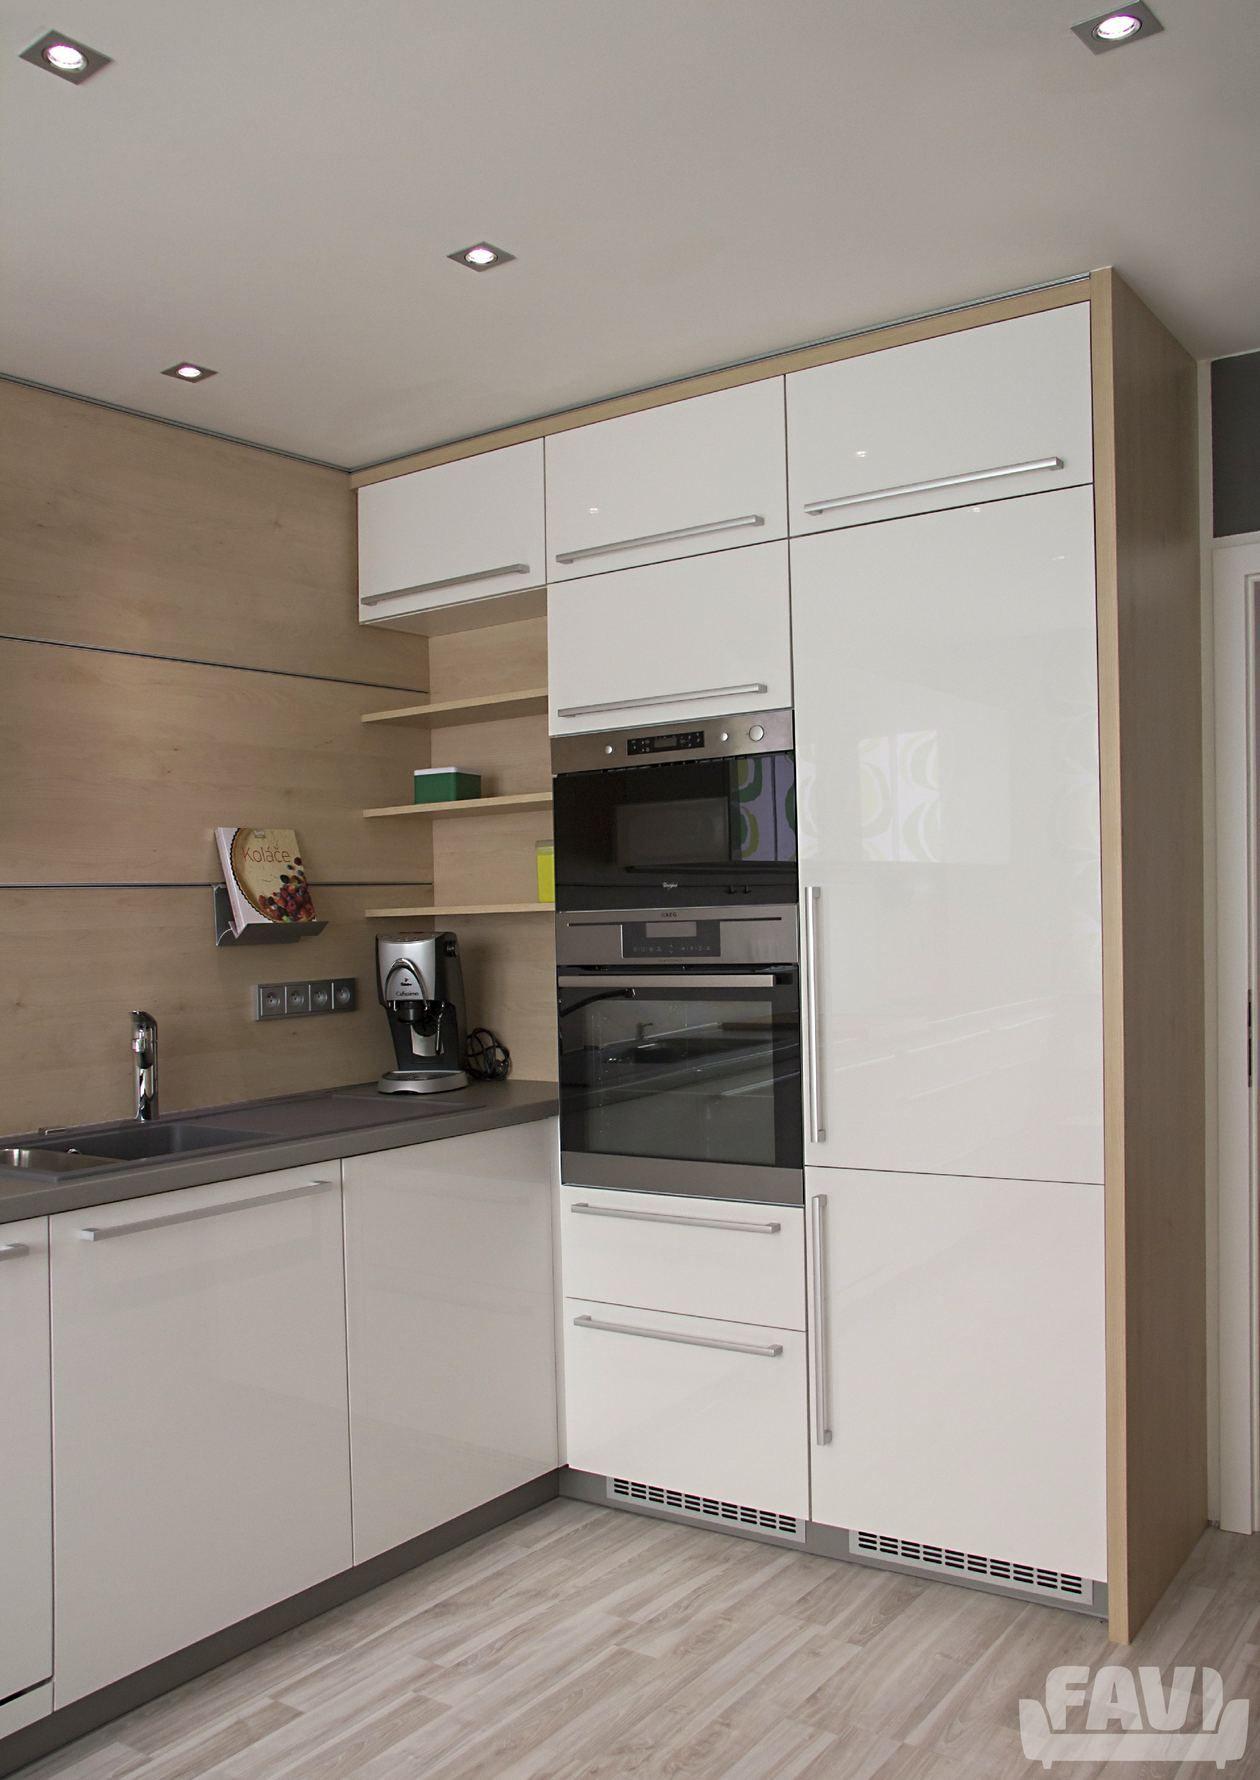 modern kuchyn inspirace byt v k enovic ch deco pinterest amenagement cuisine. Black Bedroom Furniture Sets. Home Design Ideas